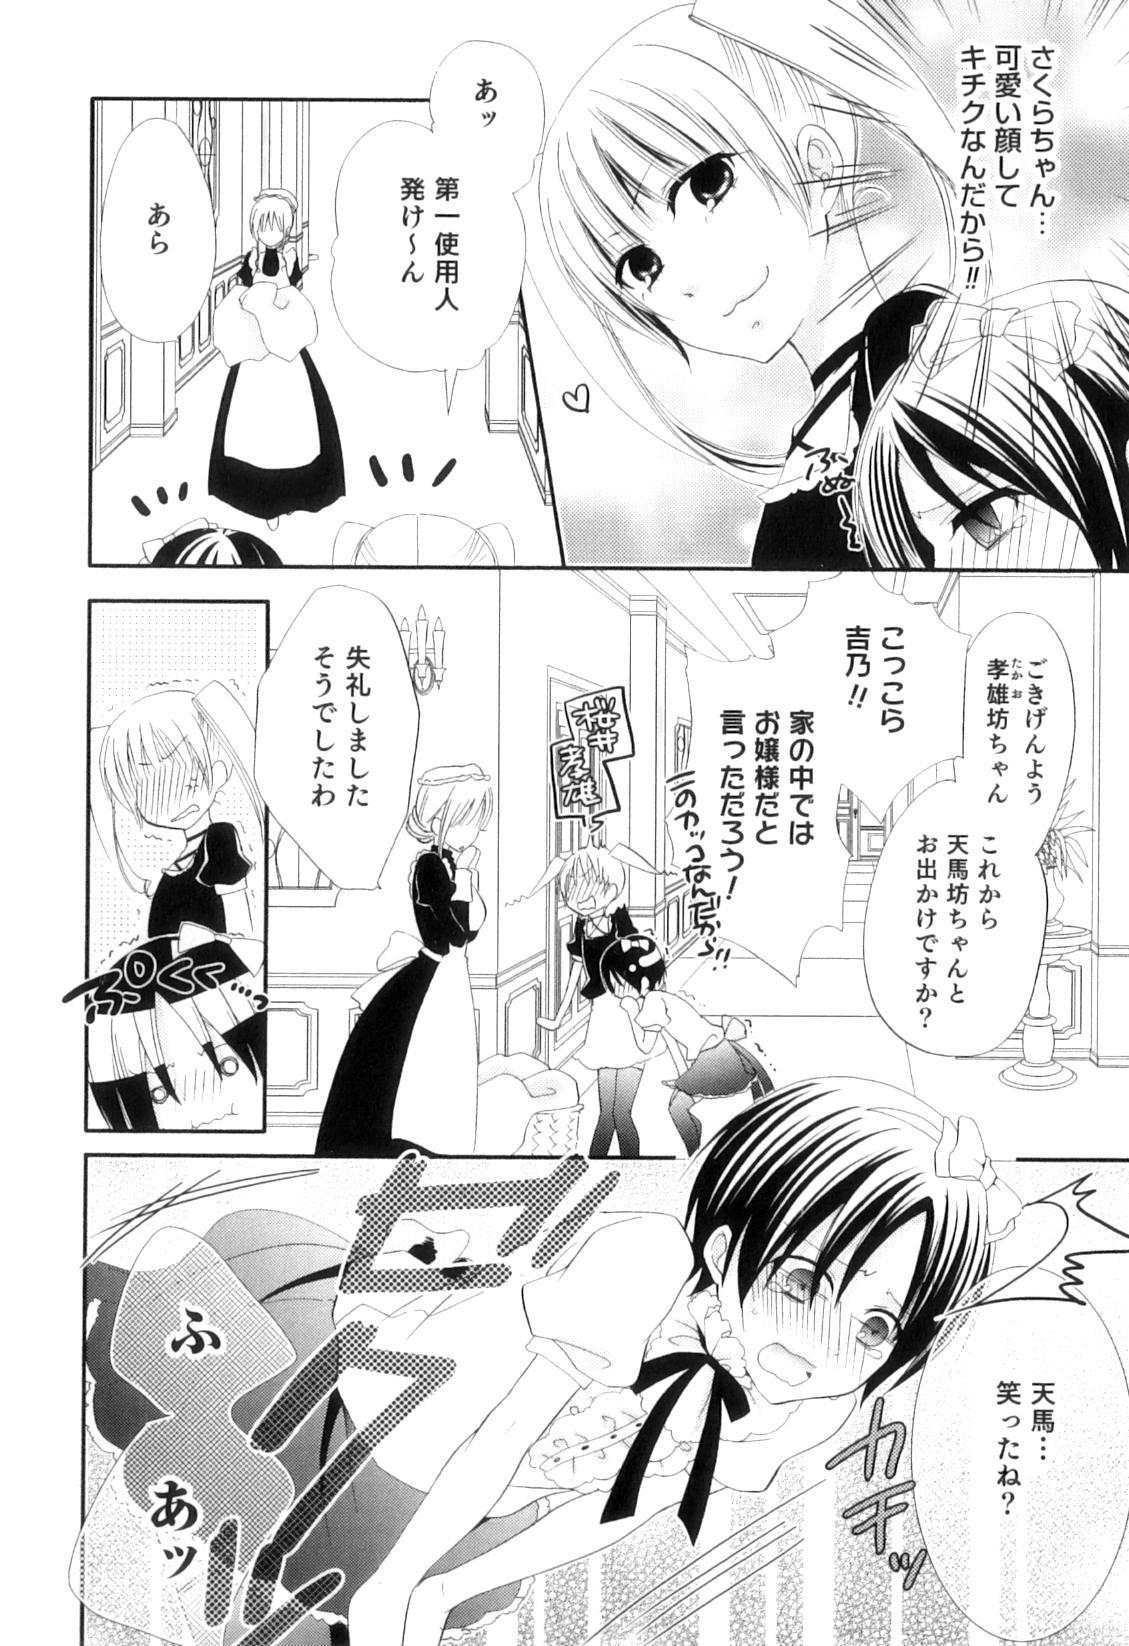 Otokonoko Heaven Vol. 09 34